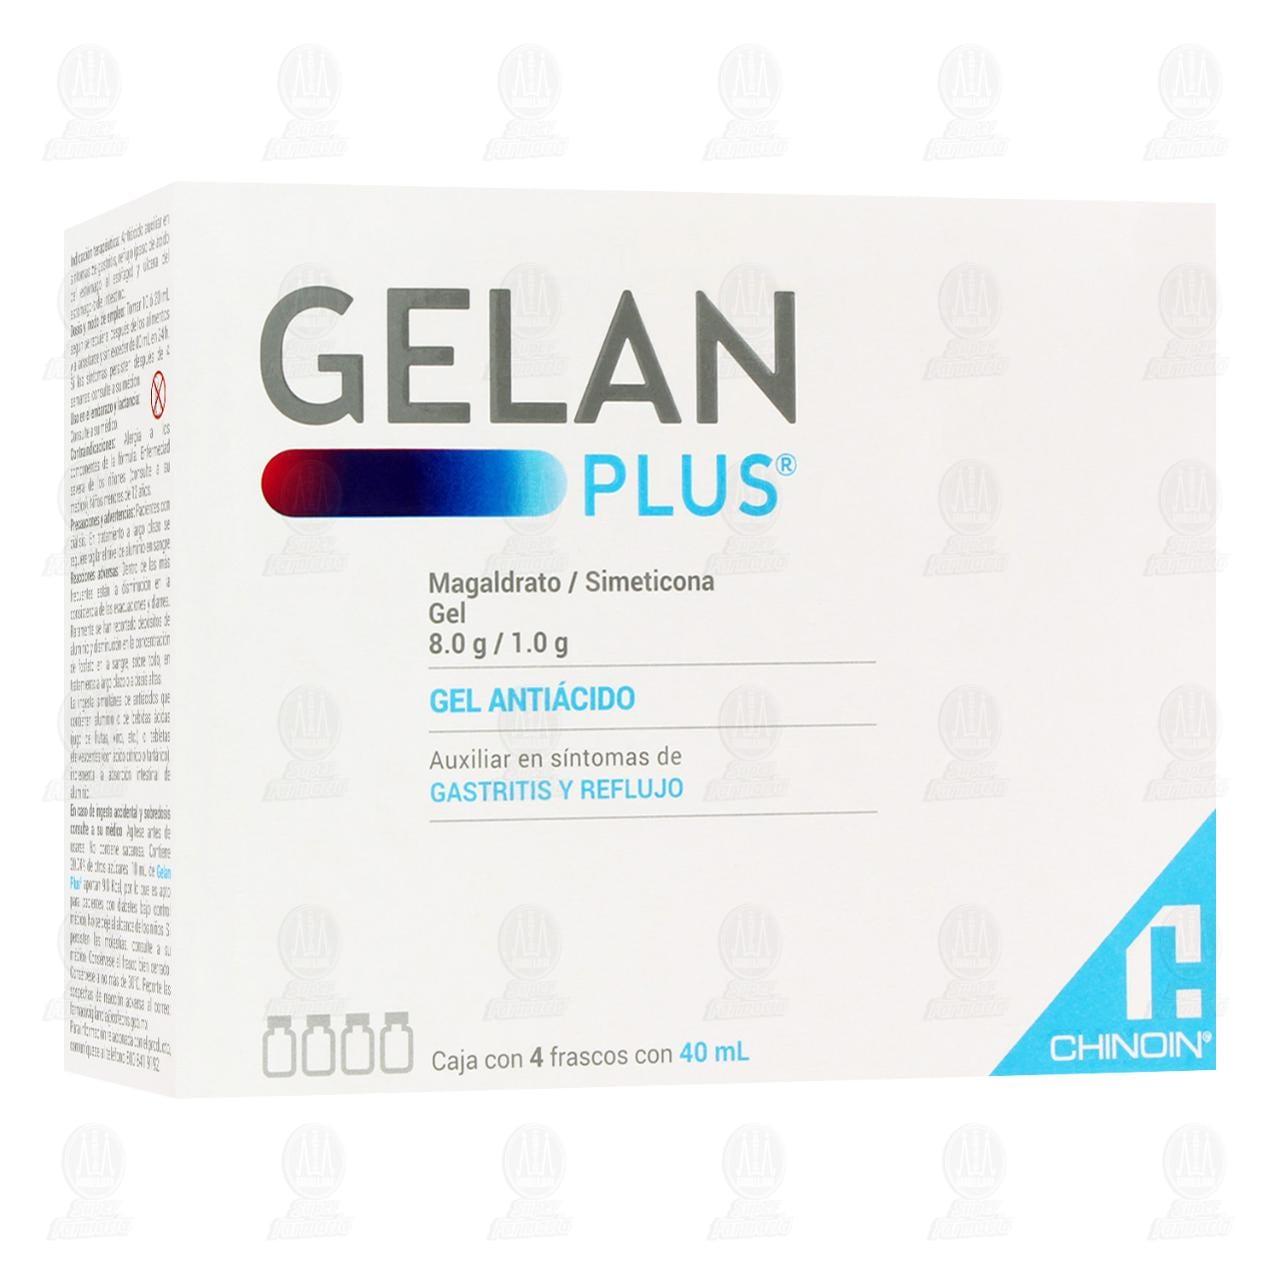 Comprar Gelan Plus Suspensión Gel 4 Frascos 40ml C/U en Farmacias Guadalajara